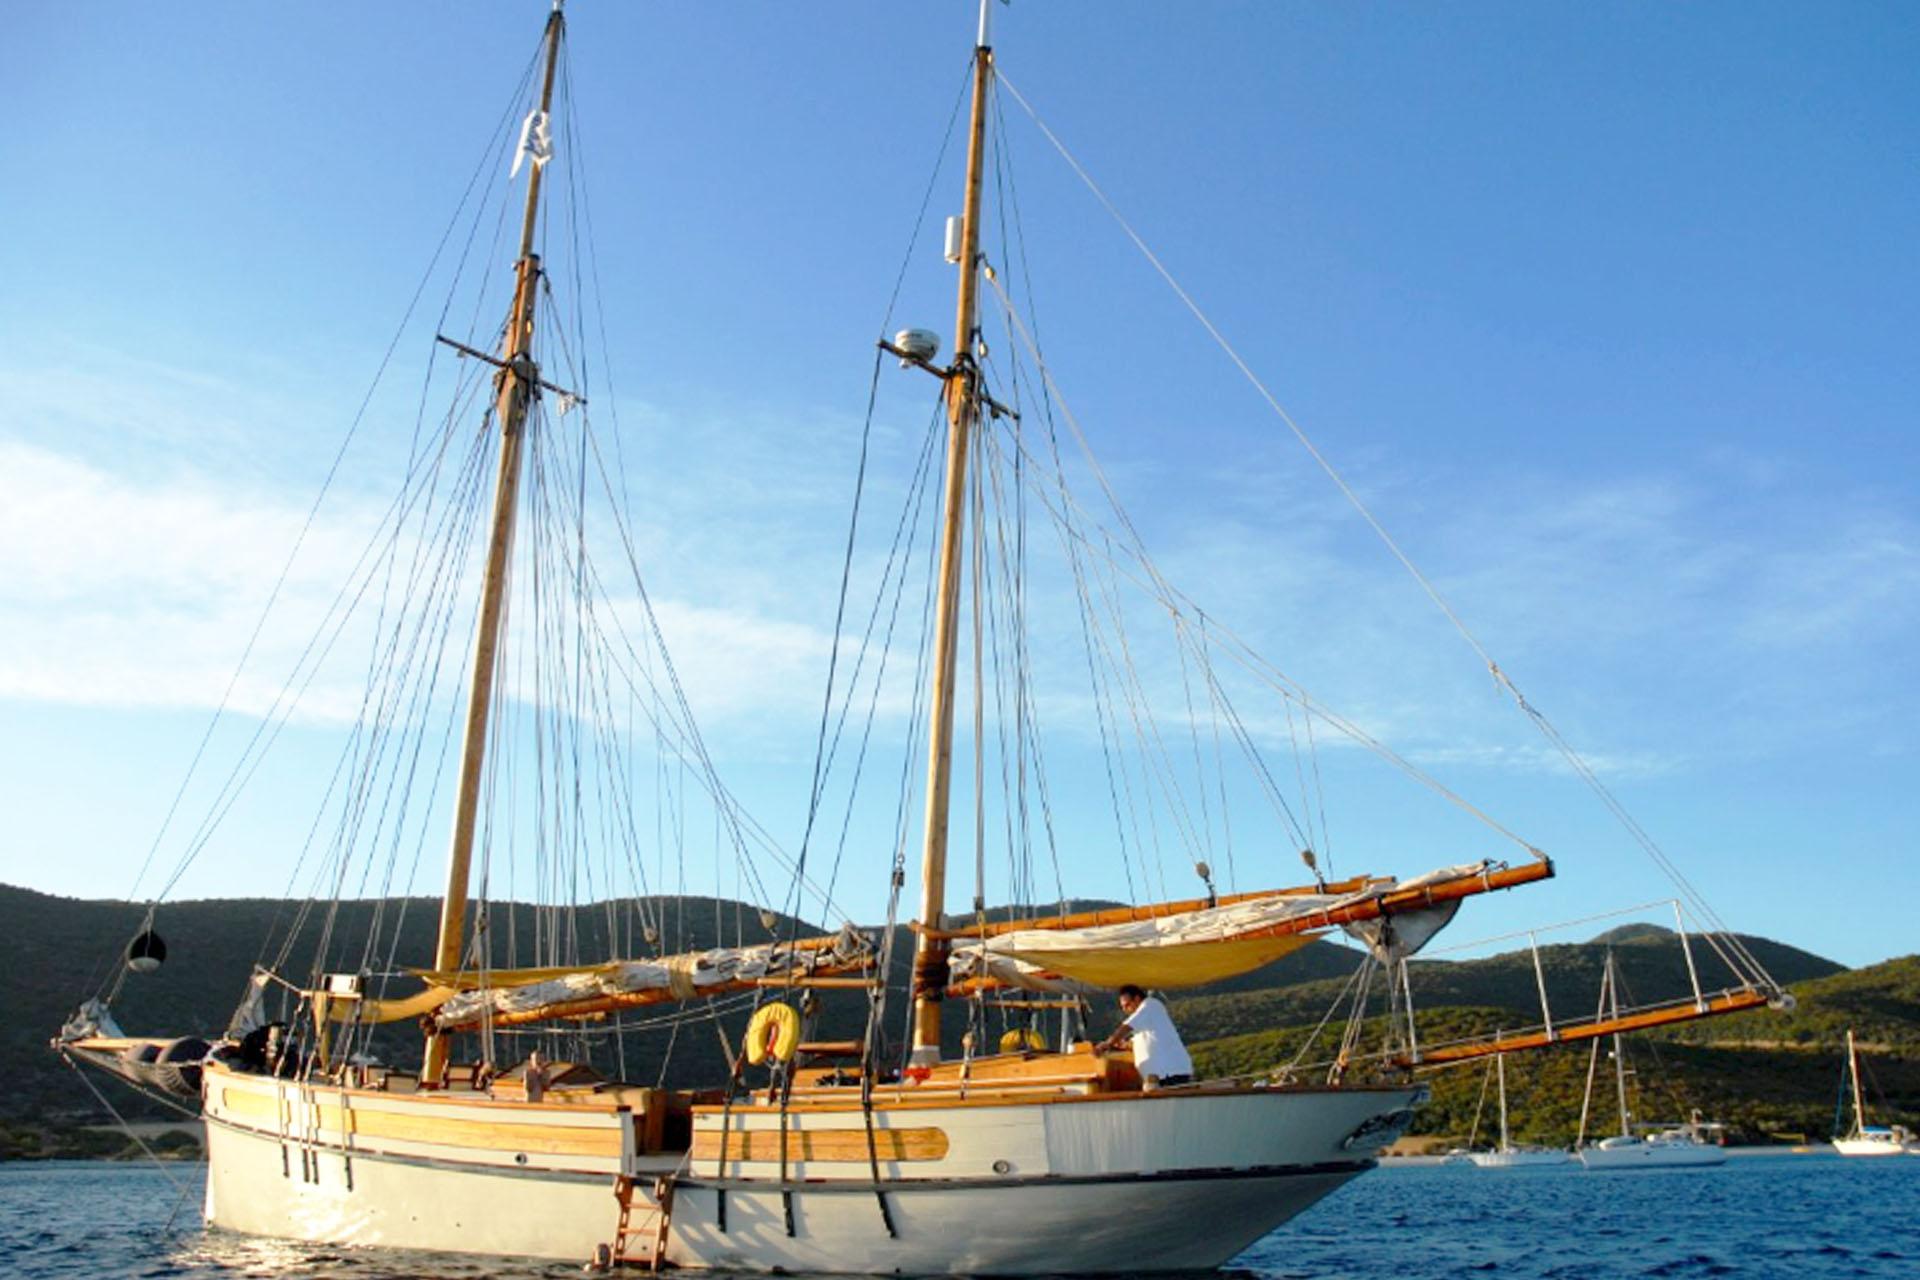 Circe sails down